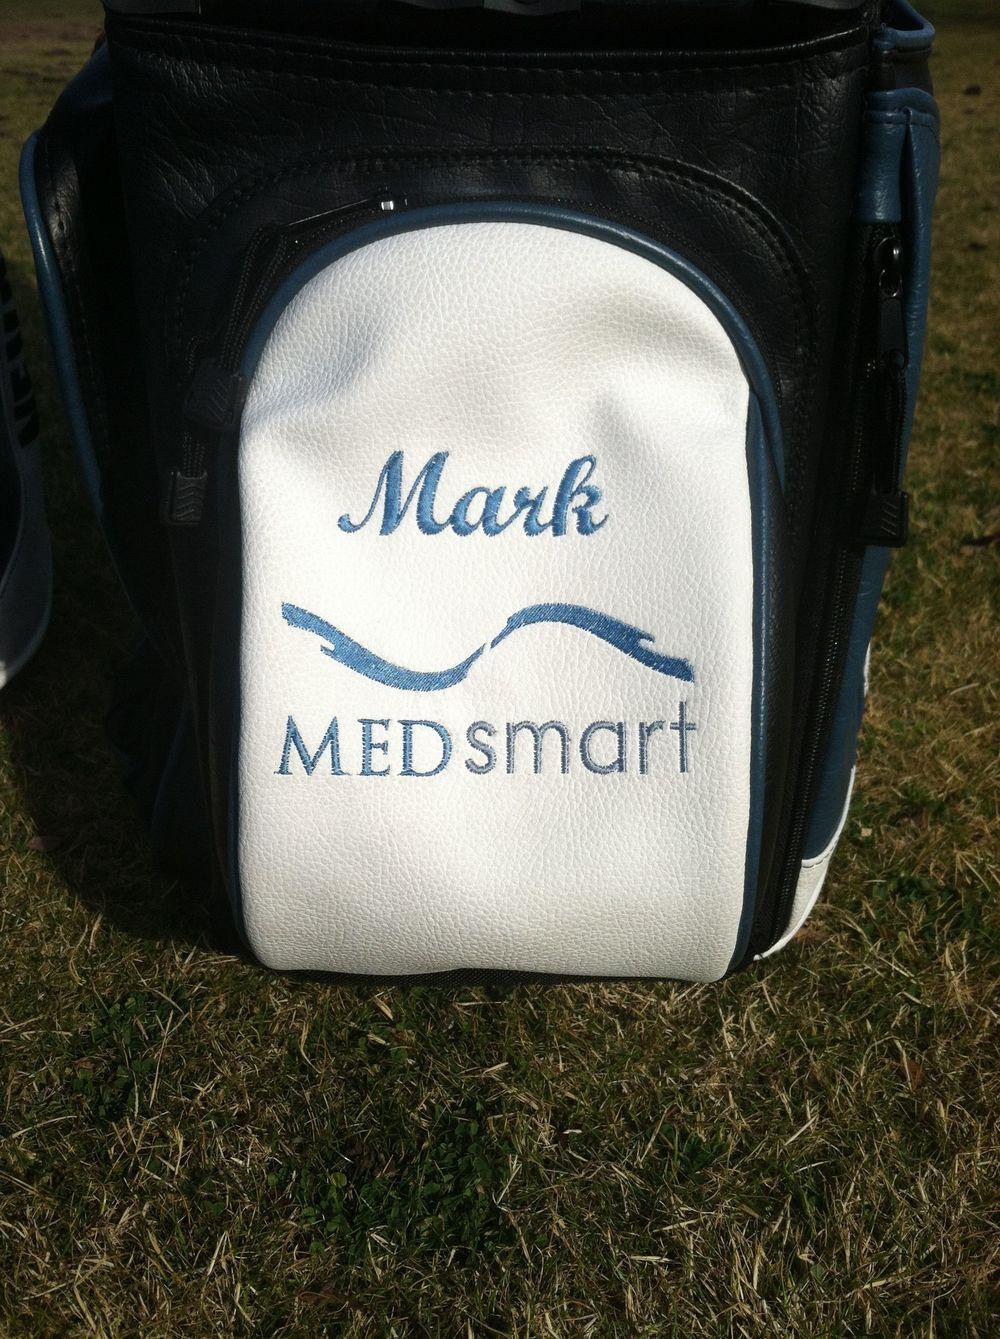 MedSmart - Mark.jpg